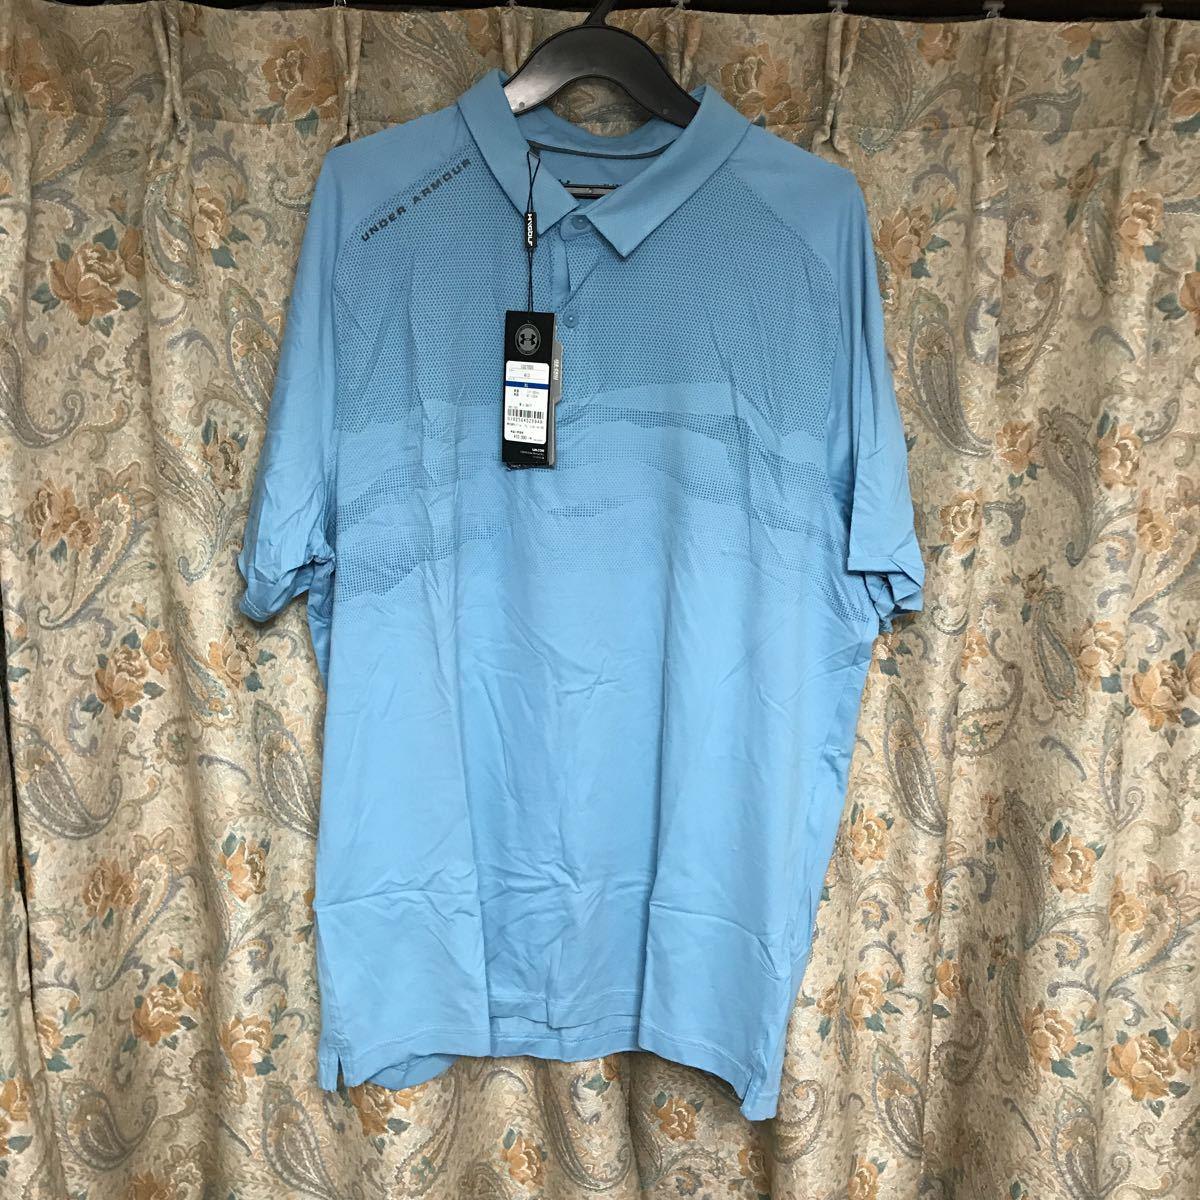 新品アンダーアーマー 半袖ポロシャツ XLサイズ 11000円→5000円 ゴルフ ISO CHILL メンズ